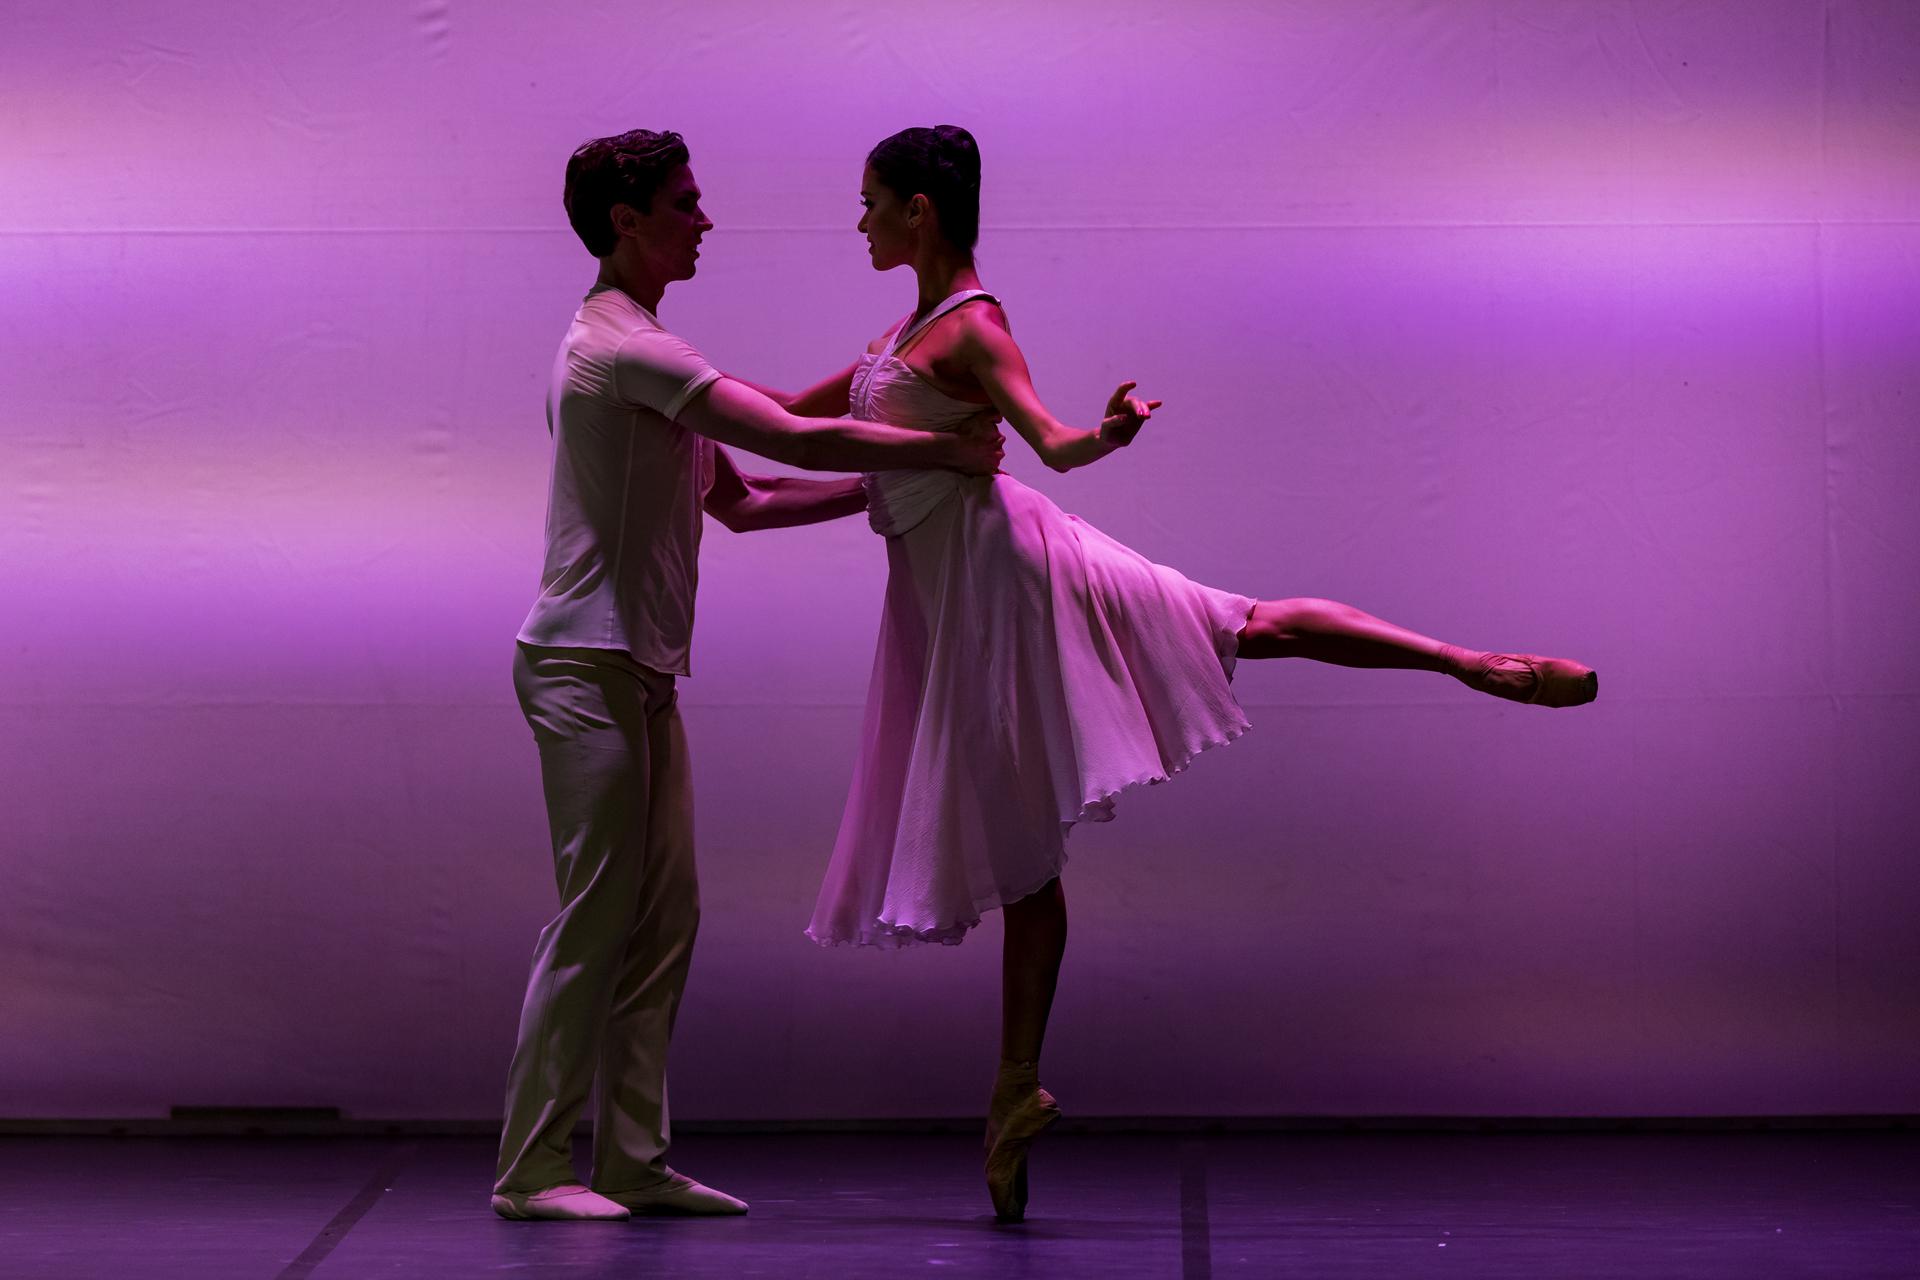 2018_09_09-Astana-Ballet-©LKV-204454-5D4A2568